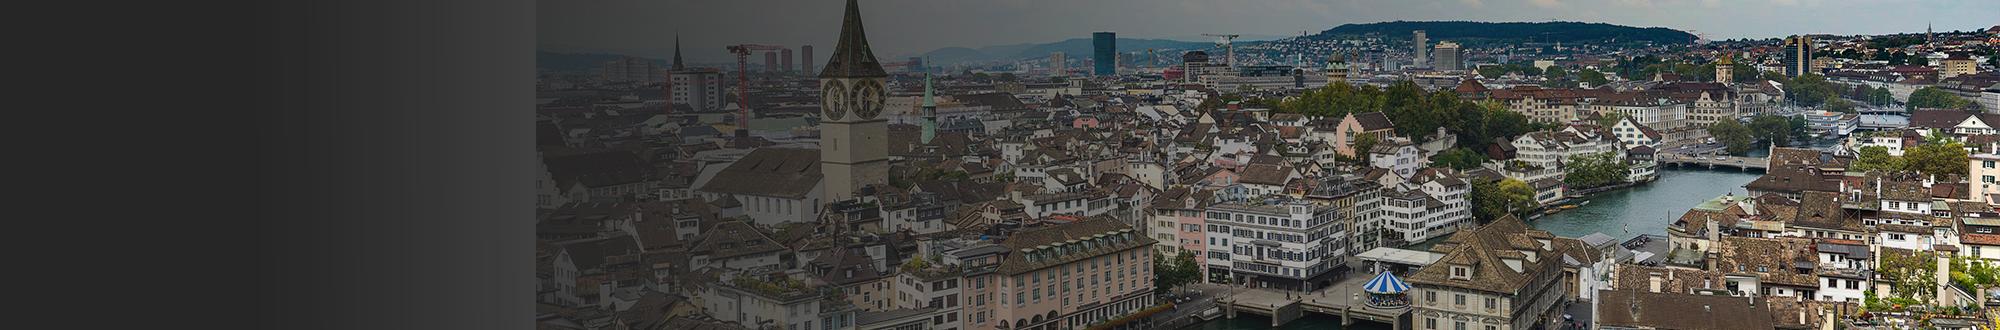 Attend an Information Session in Zurich